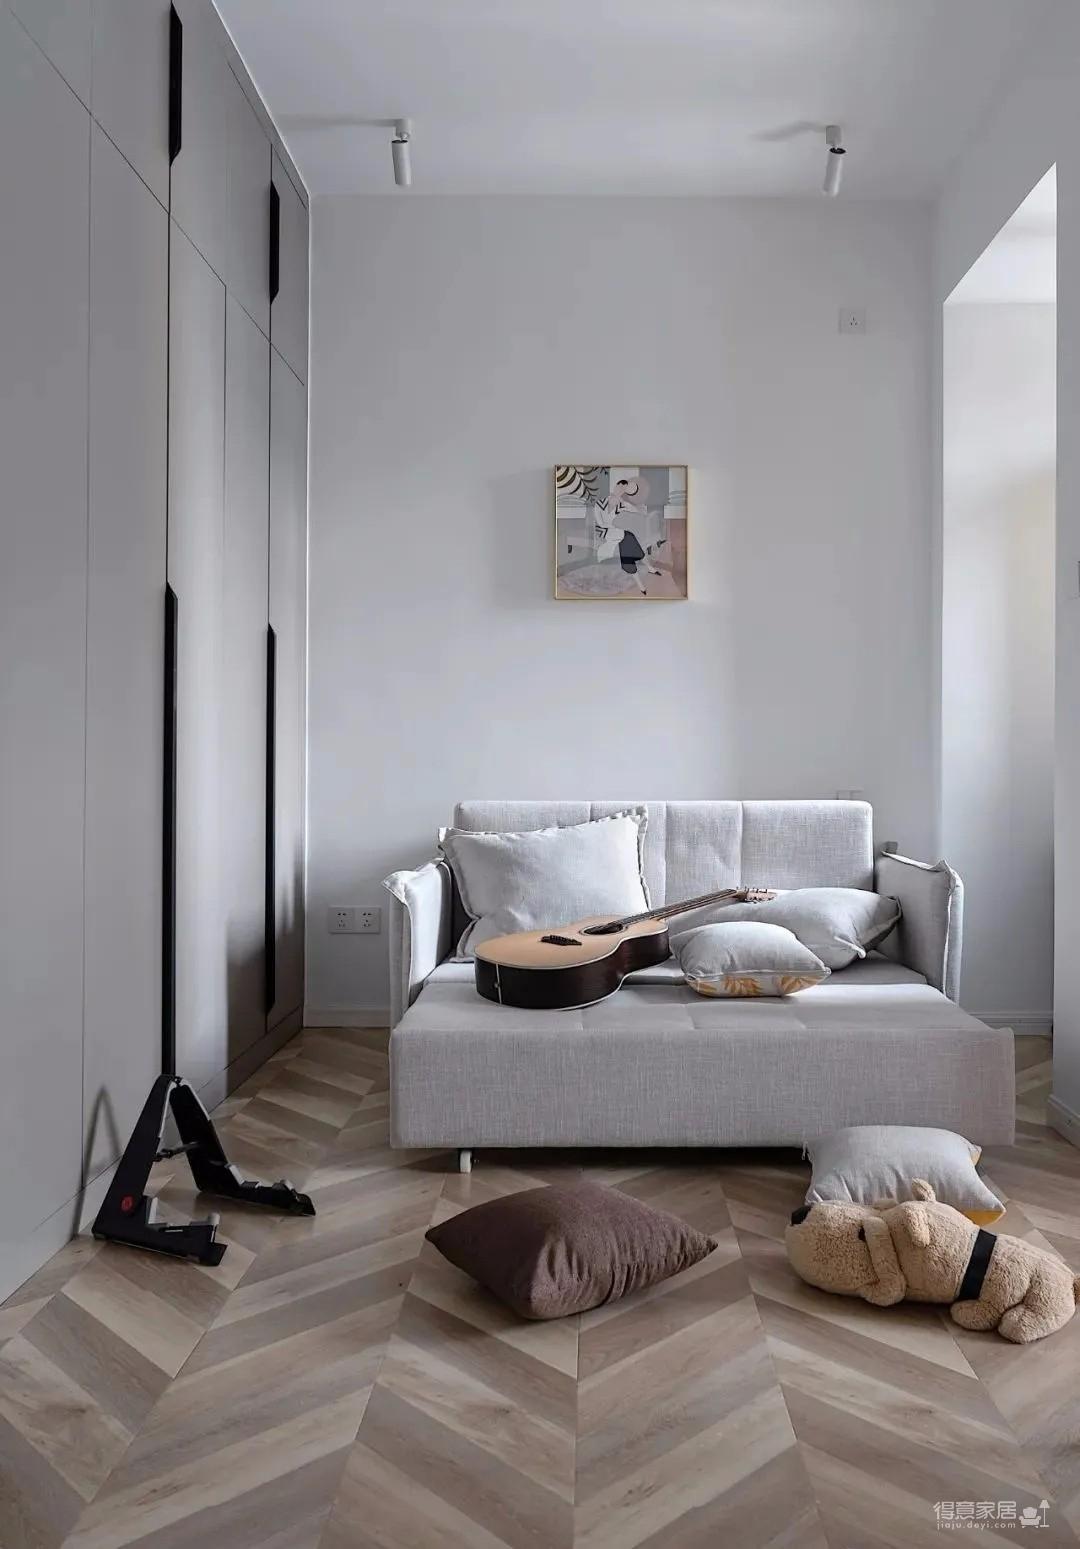 两居室改成主卧+衣帽间+休闲室的套间,住起来太爽了!图_14